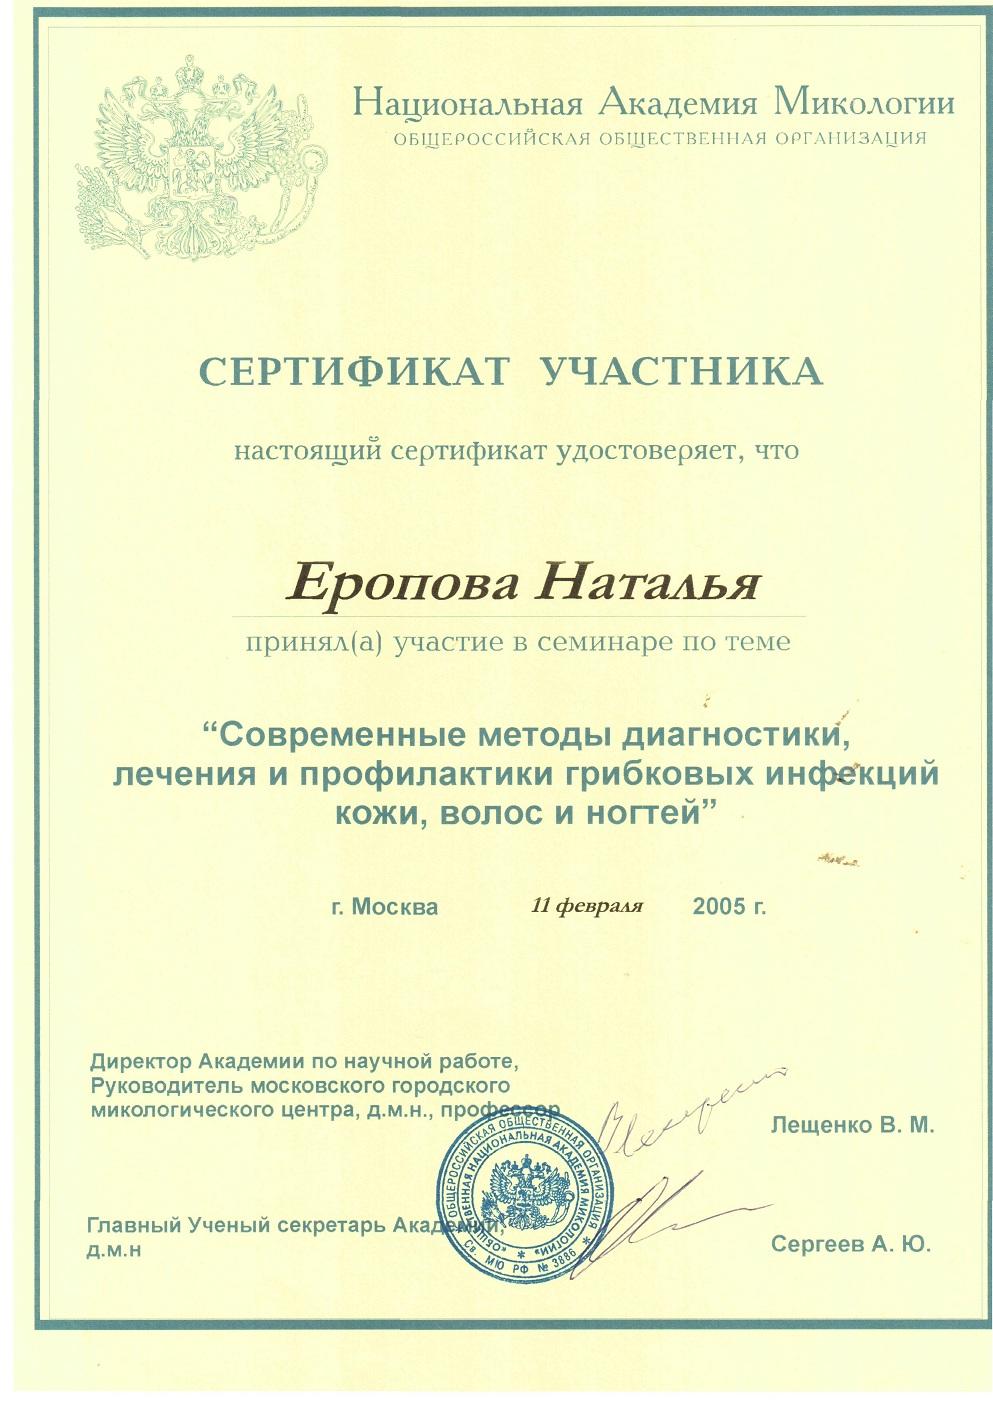 2005 современные методы диагностики лечения и профилактики грибковых инфекций кожи, волос и ногтей